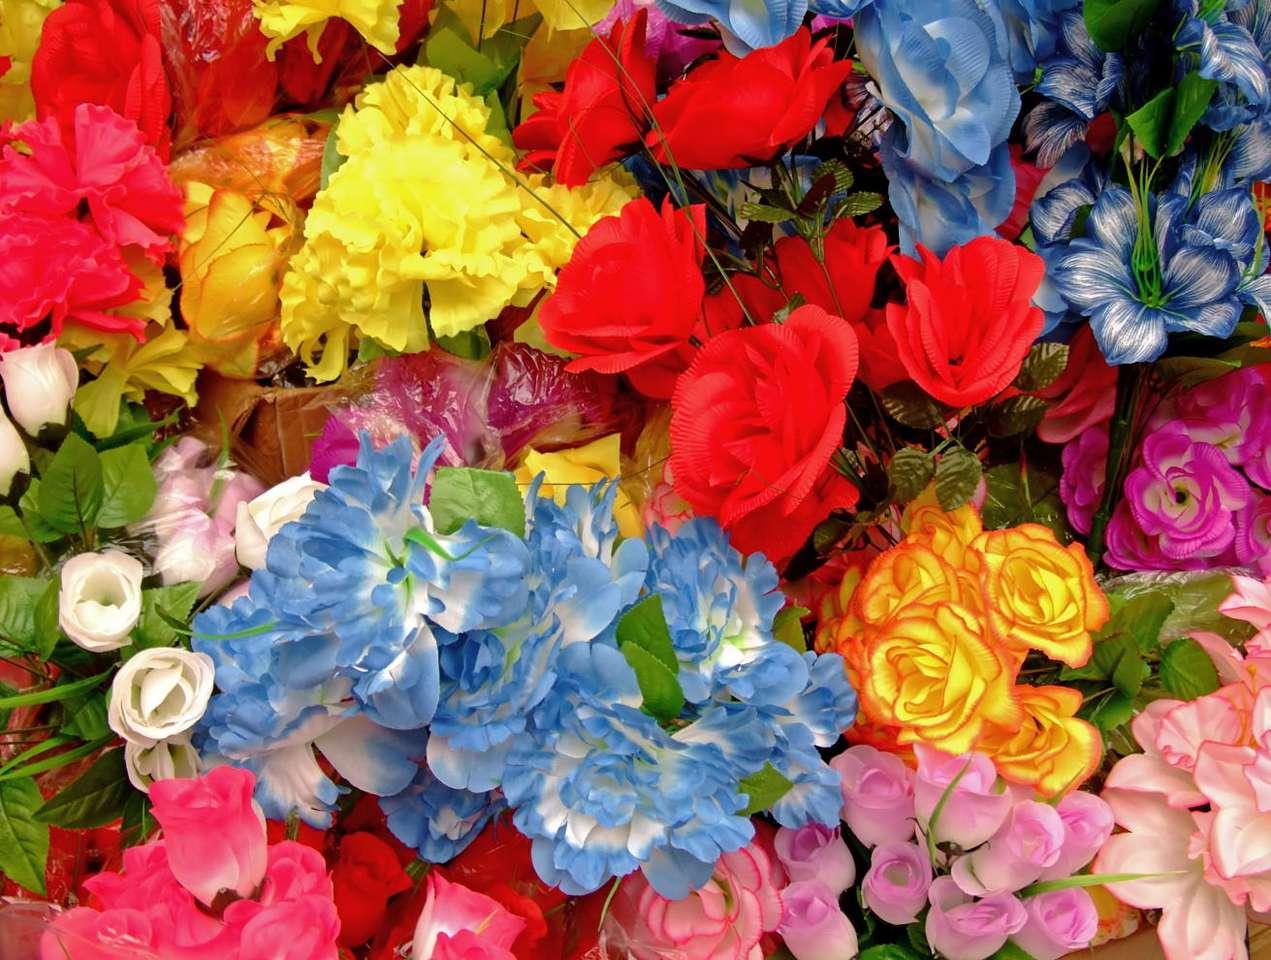 Sztuczne kwiaty - Coraz częściej do dekoracji wykorzystuje się imitacje naturalnych kwiatów. Mogą one być wykonane z tkaniny, papieru, tworzywa sztucznego, a nawet z materiałów takich jak mydło czy glina. Ich (23×18)